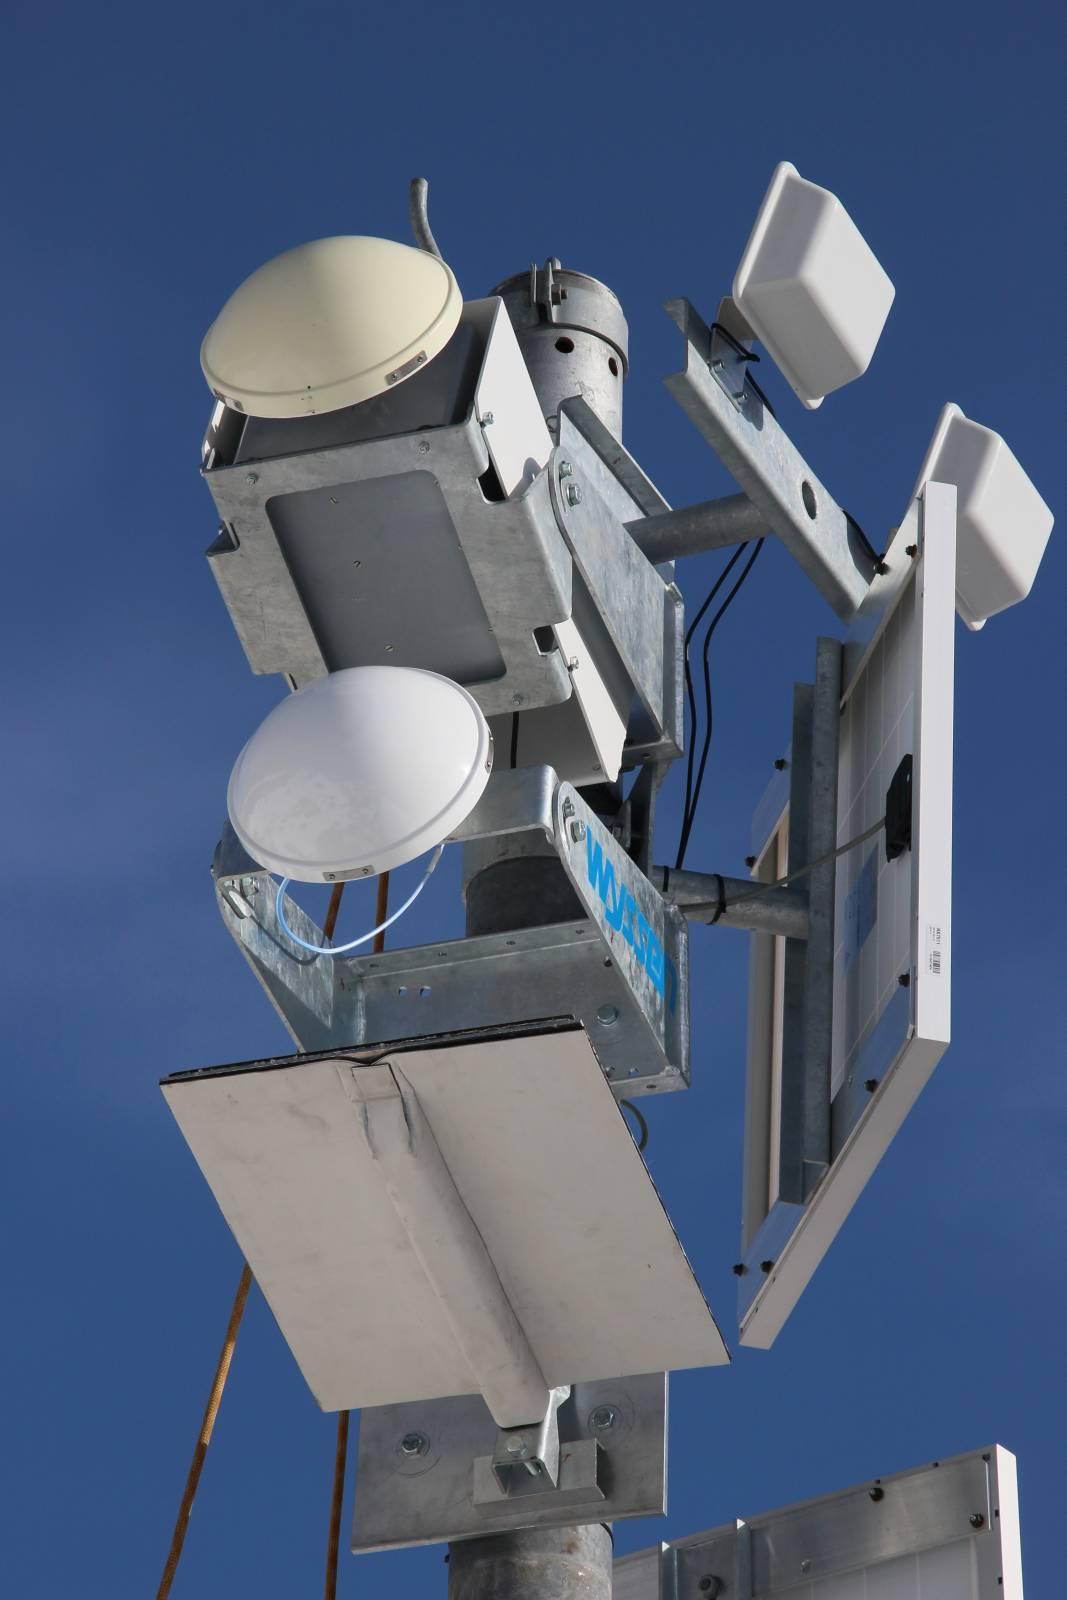 Das Radarsystem mit zwei Antennen erkennt Lawinen sowohl im Anrissgebiet als auch im Lawinenkanal weiter unten.